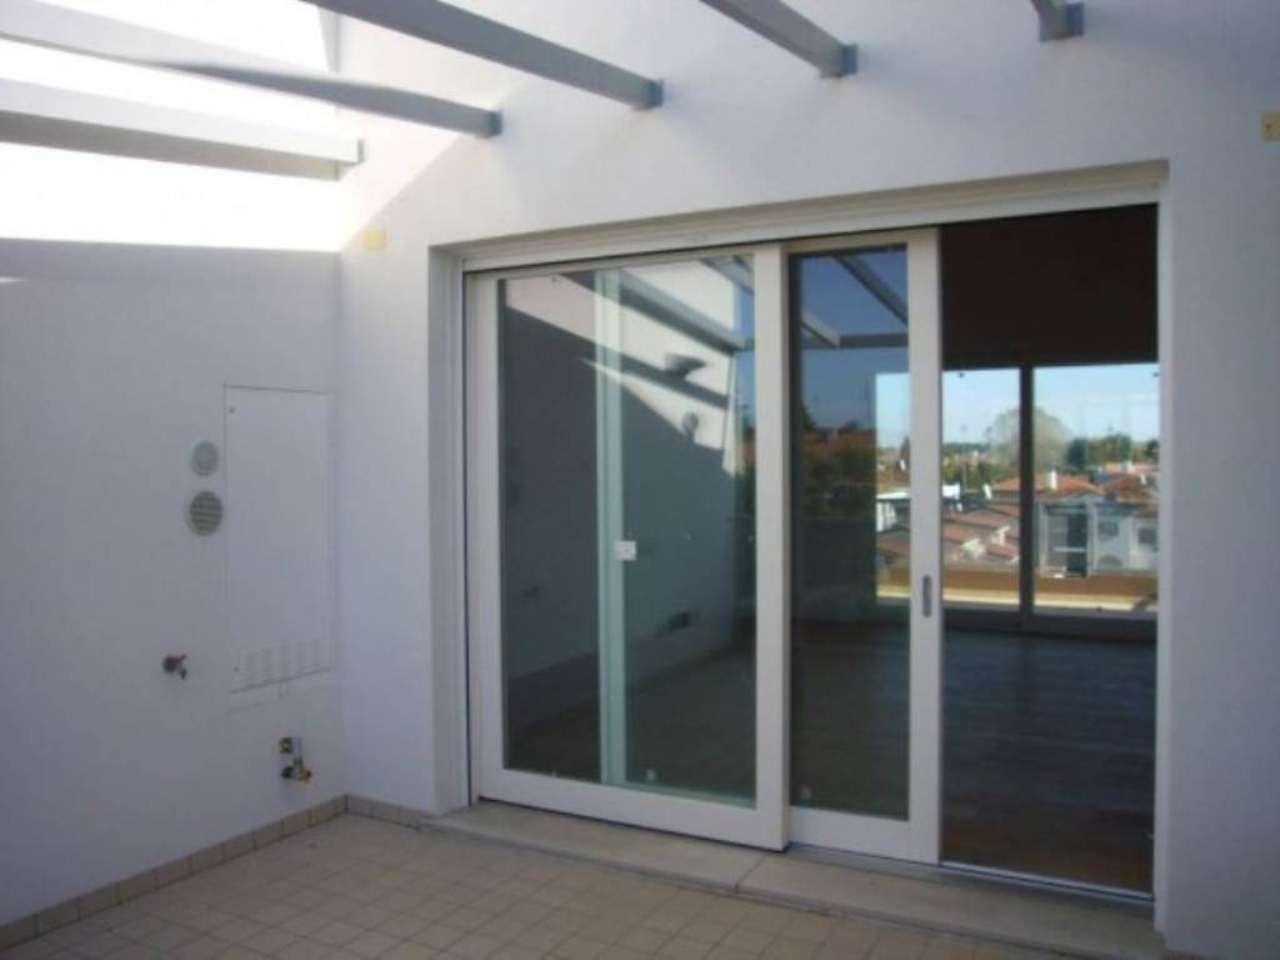 Attico / Mansarda in vendita a San Donà di Piave, 5 locali, prezzo € 320.000 | Cambio Casa.it